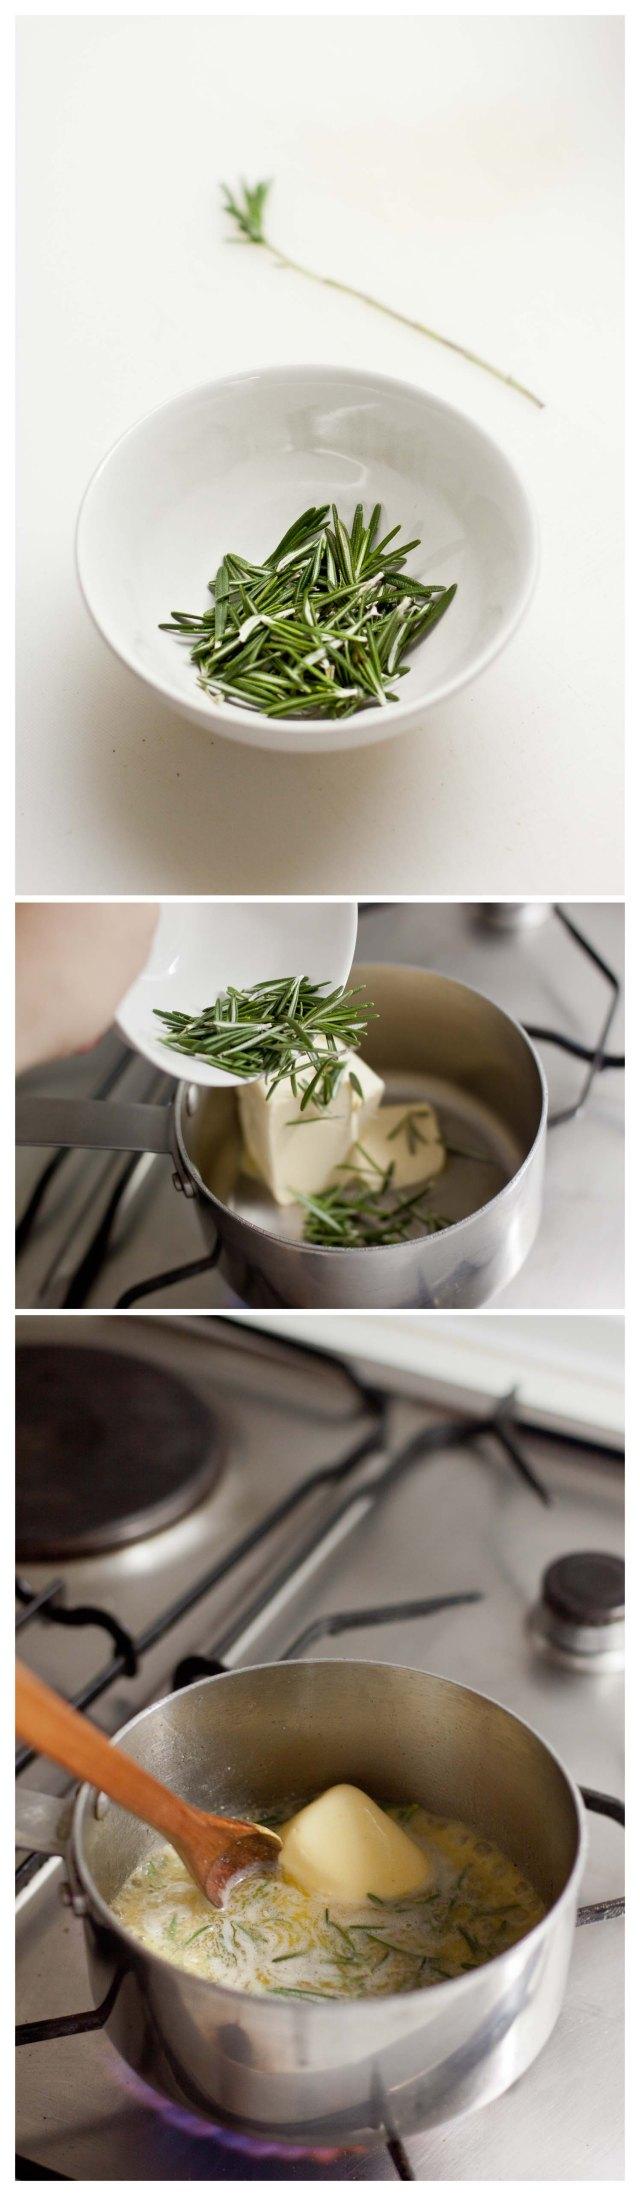 Elaboración-de-la-salsa